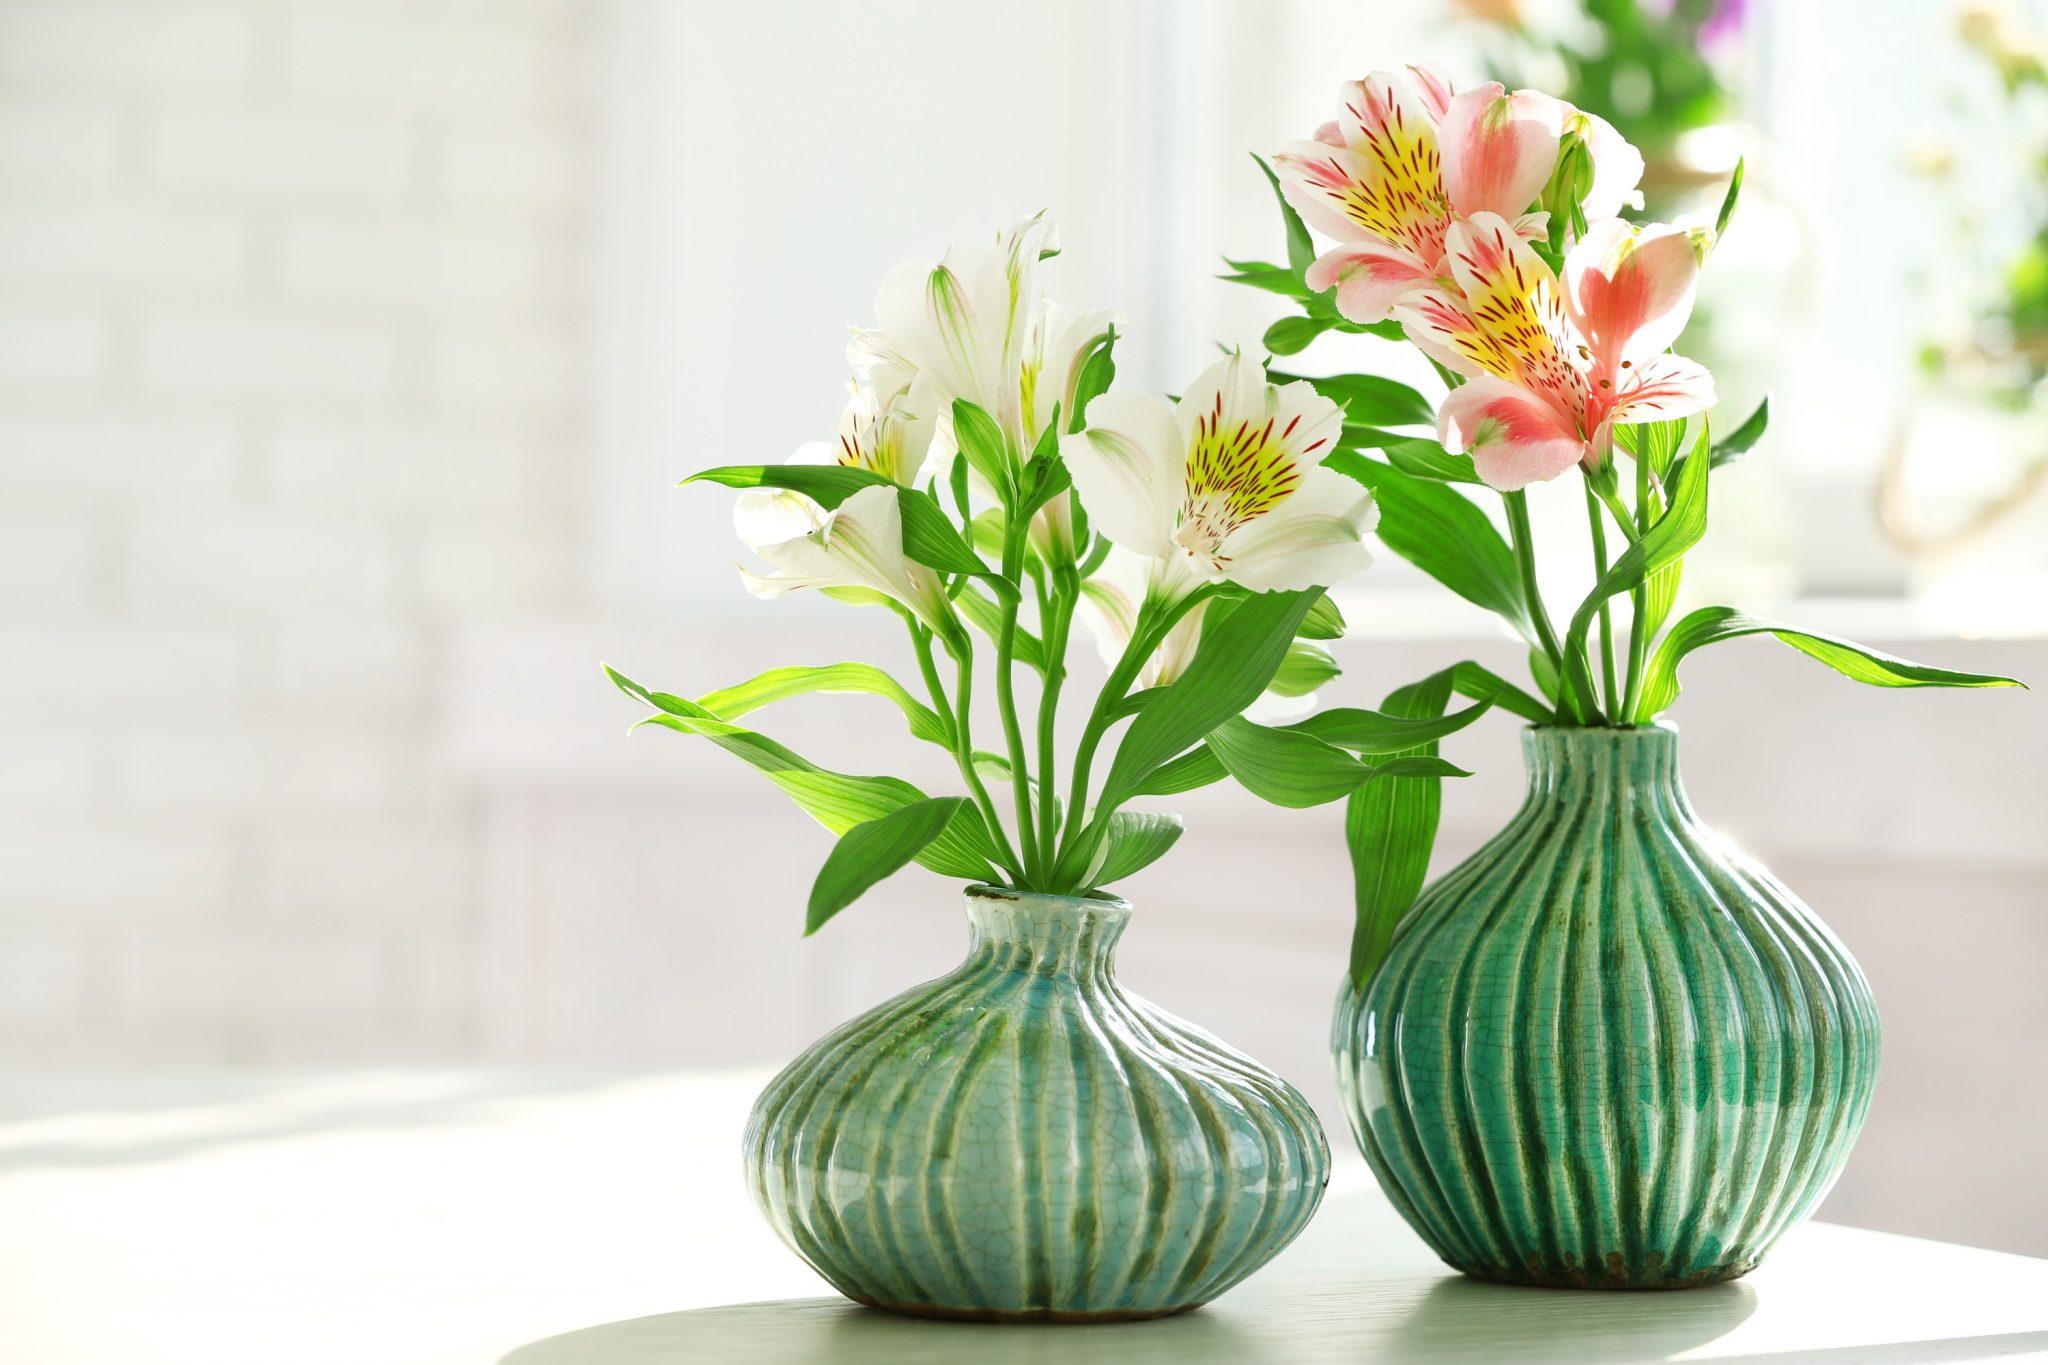 alstroemeria plants